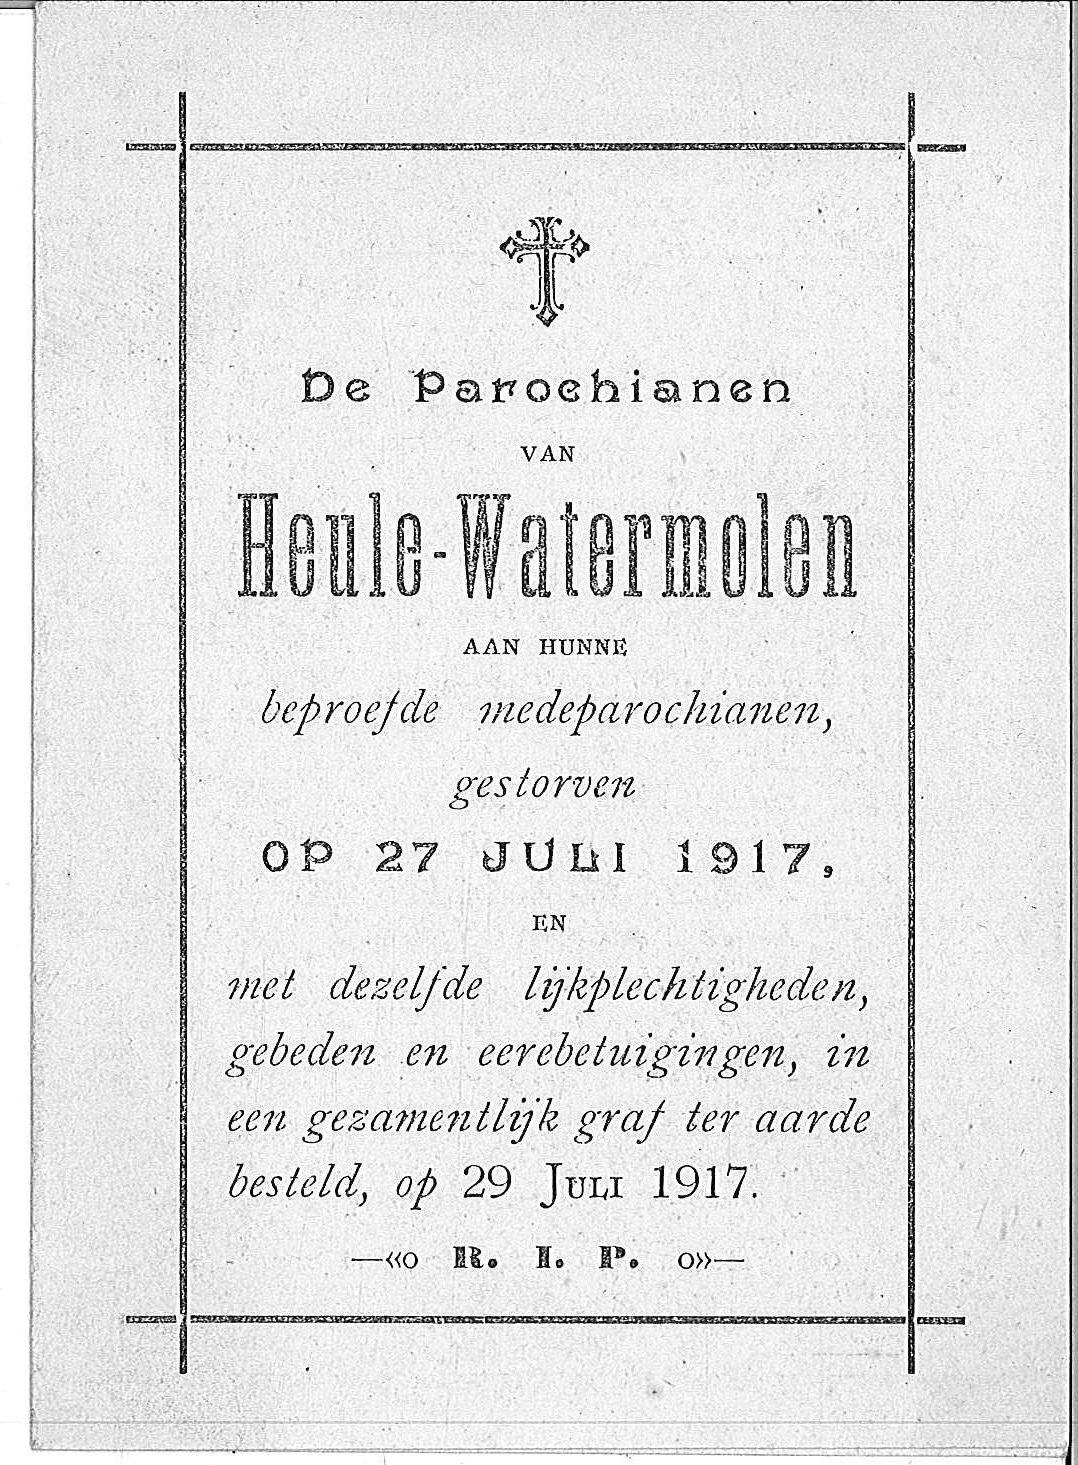 Parochiane van Heule-Watermolen.